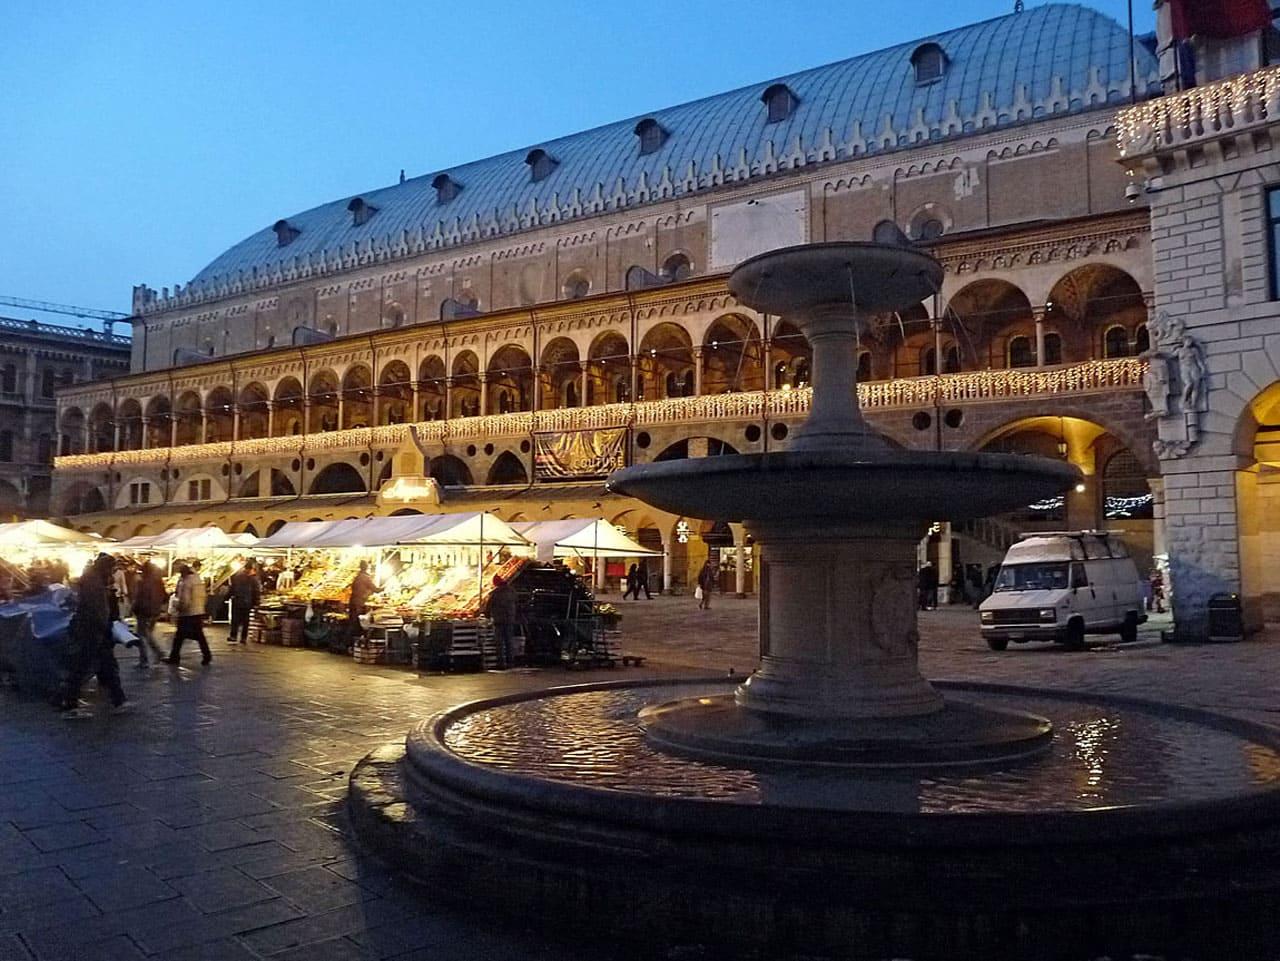 Di Licei a Padova ce ne sono tanti, ma perchè non scegliere il meglio?